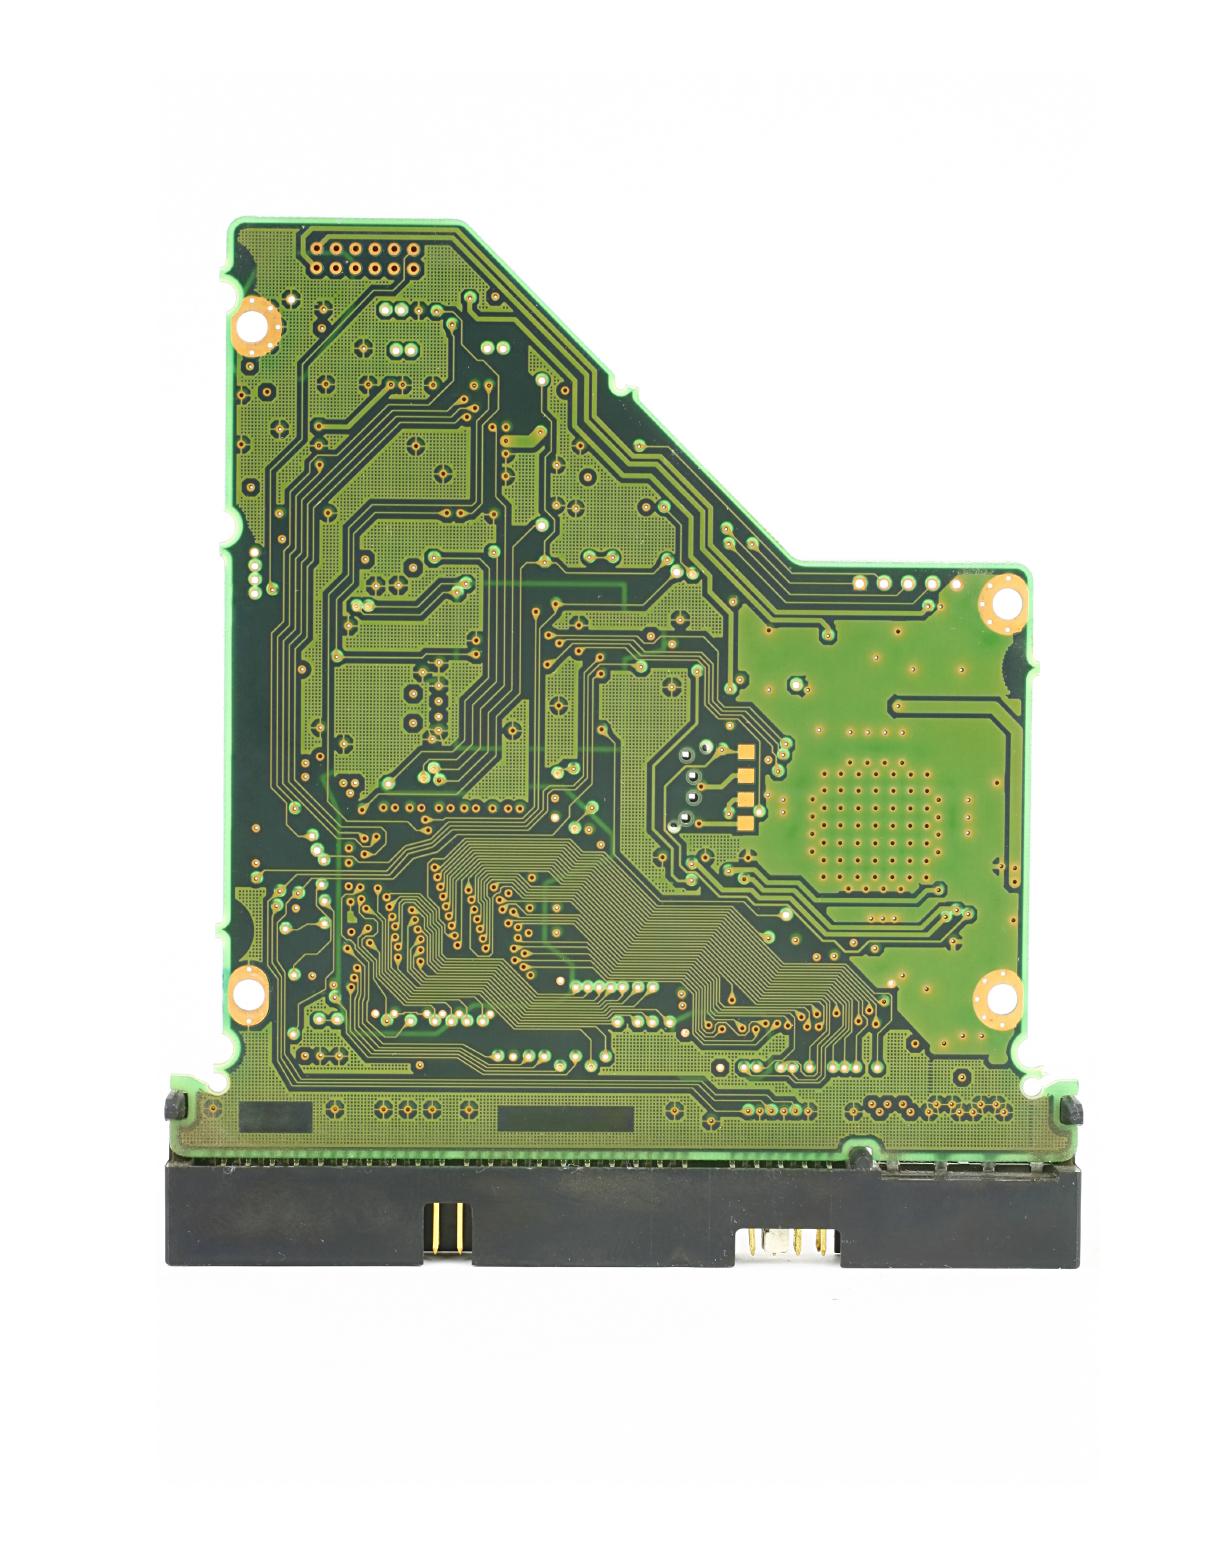 電気機器を開発する時、基板設計はどの時点で行うか